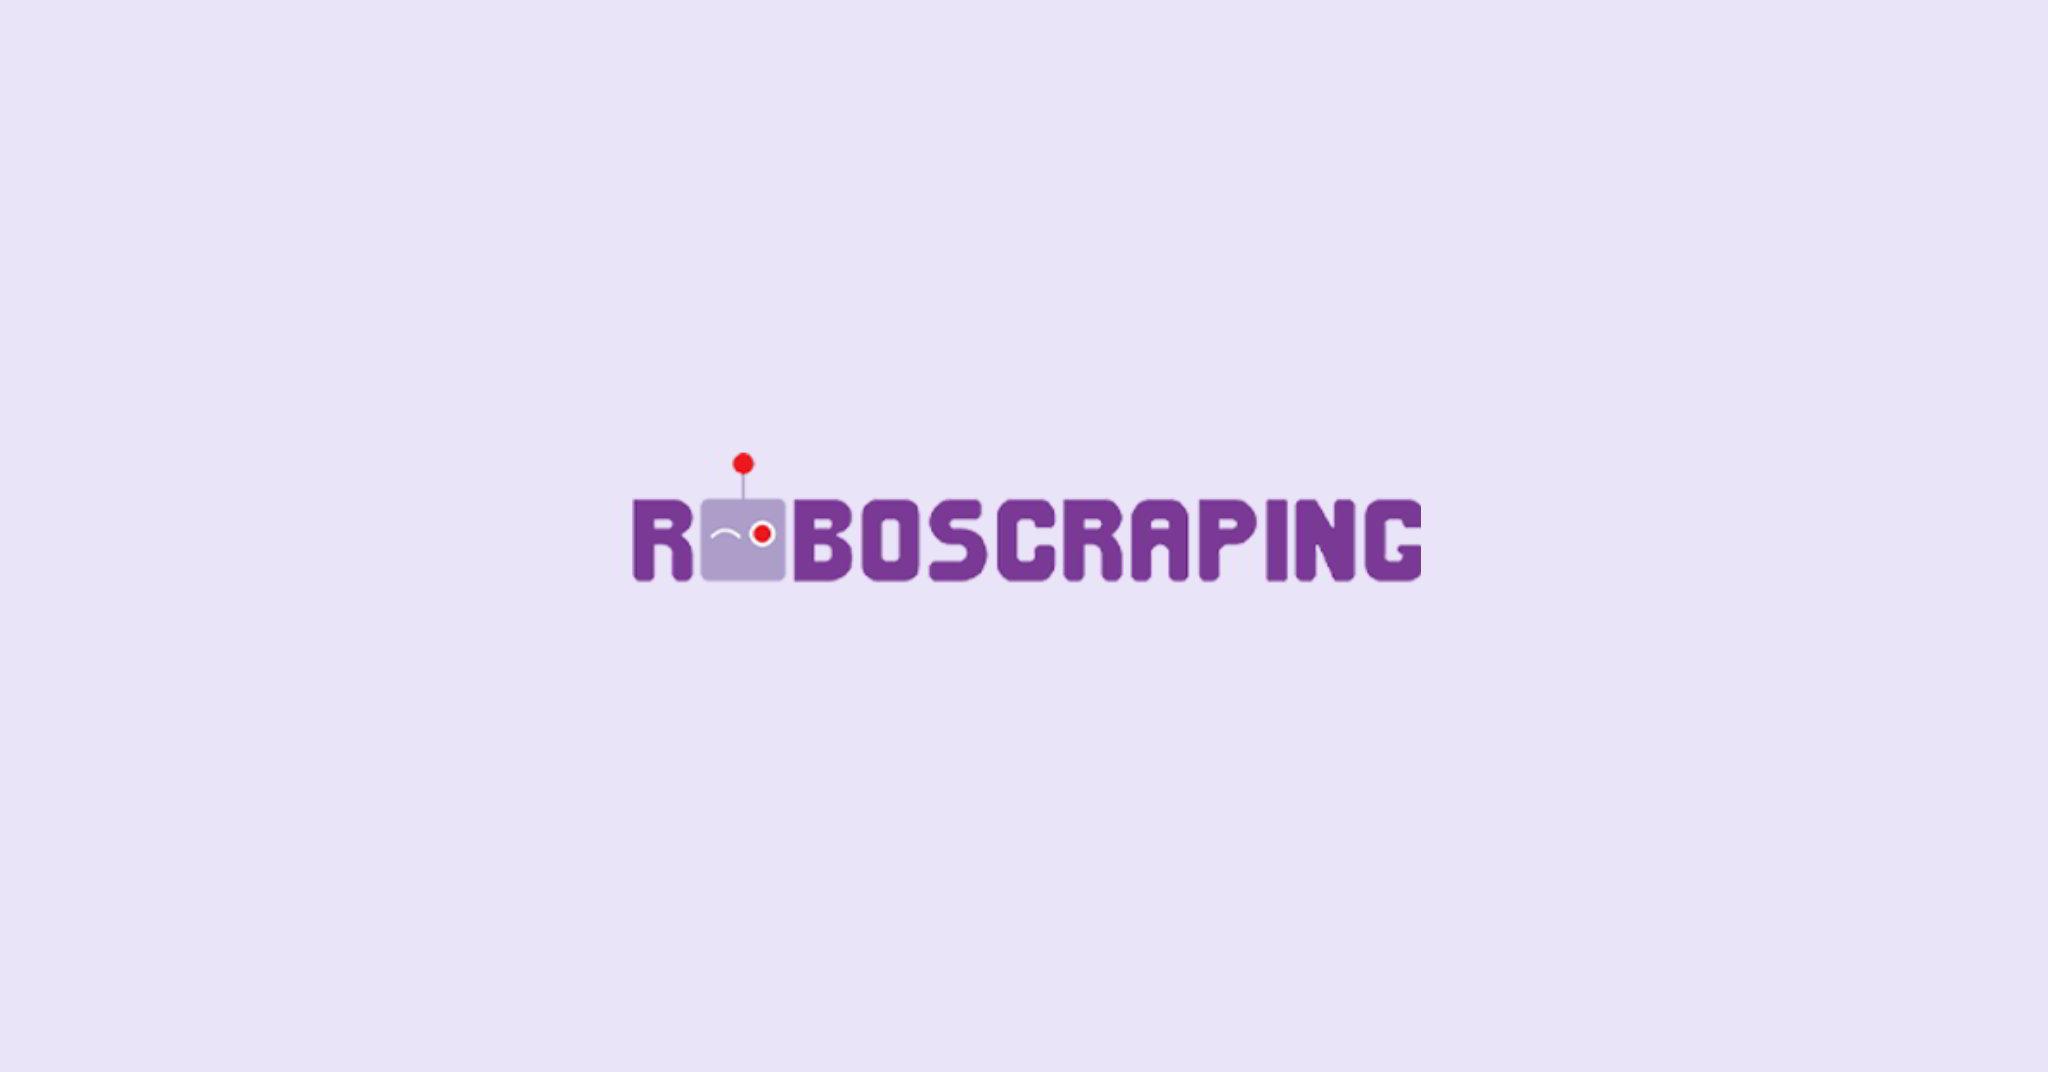 Roboscraping